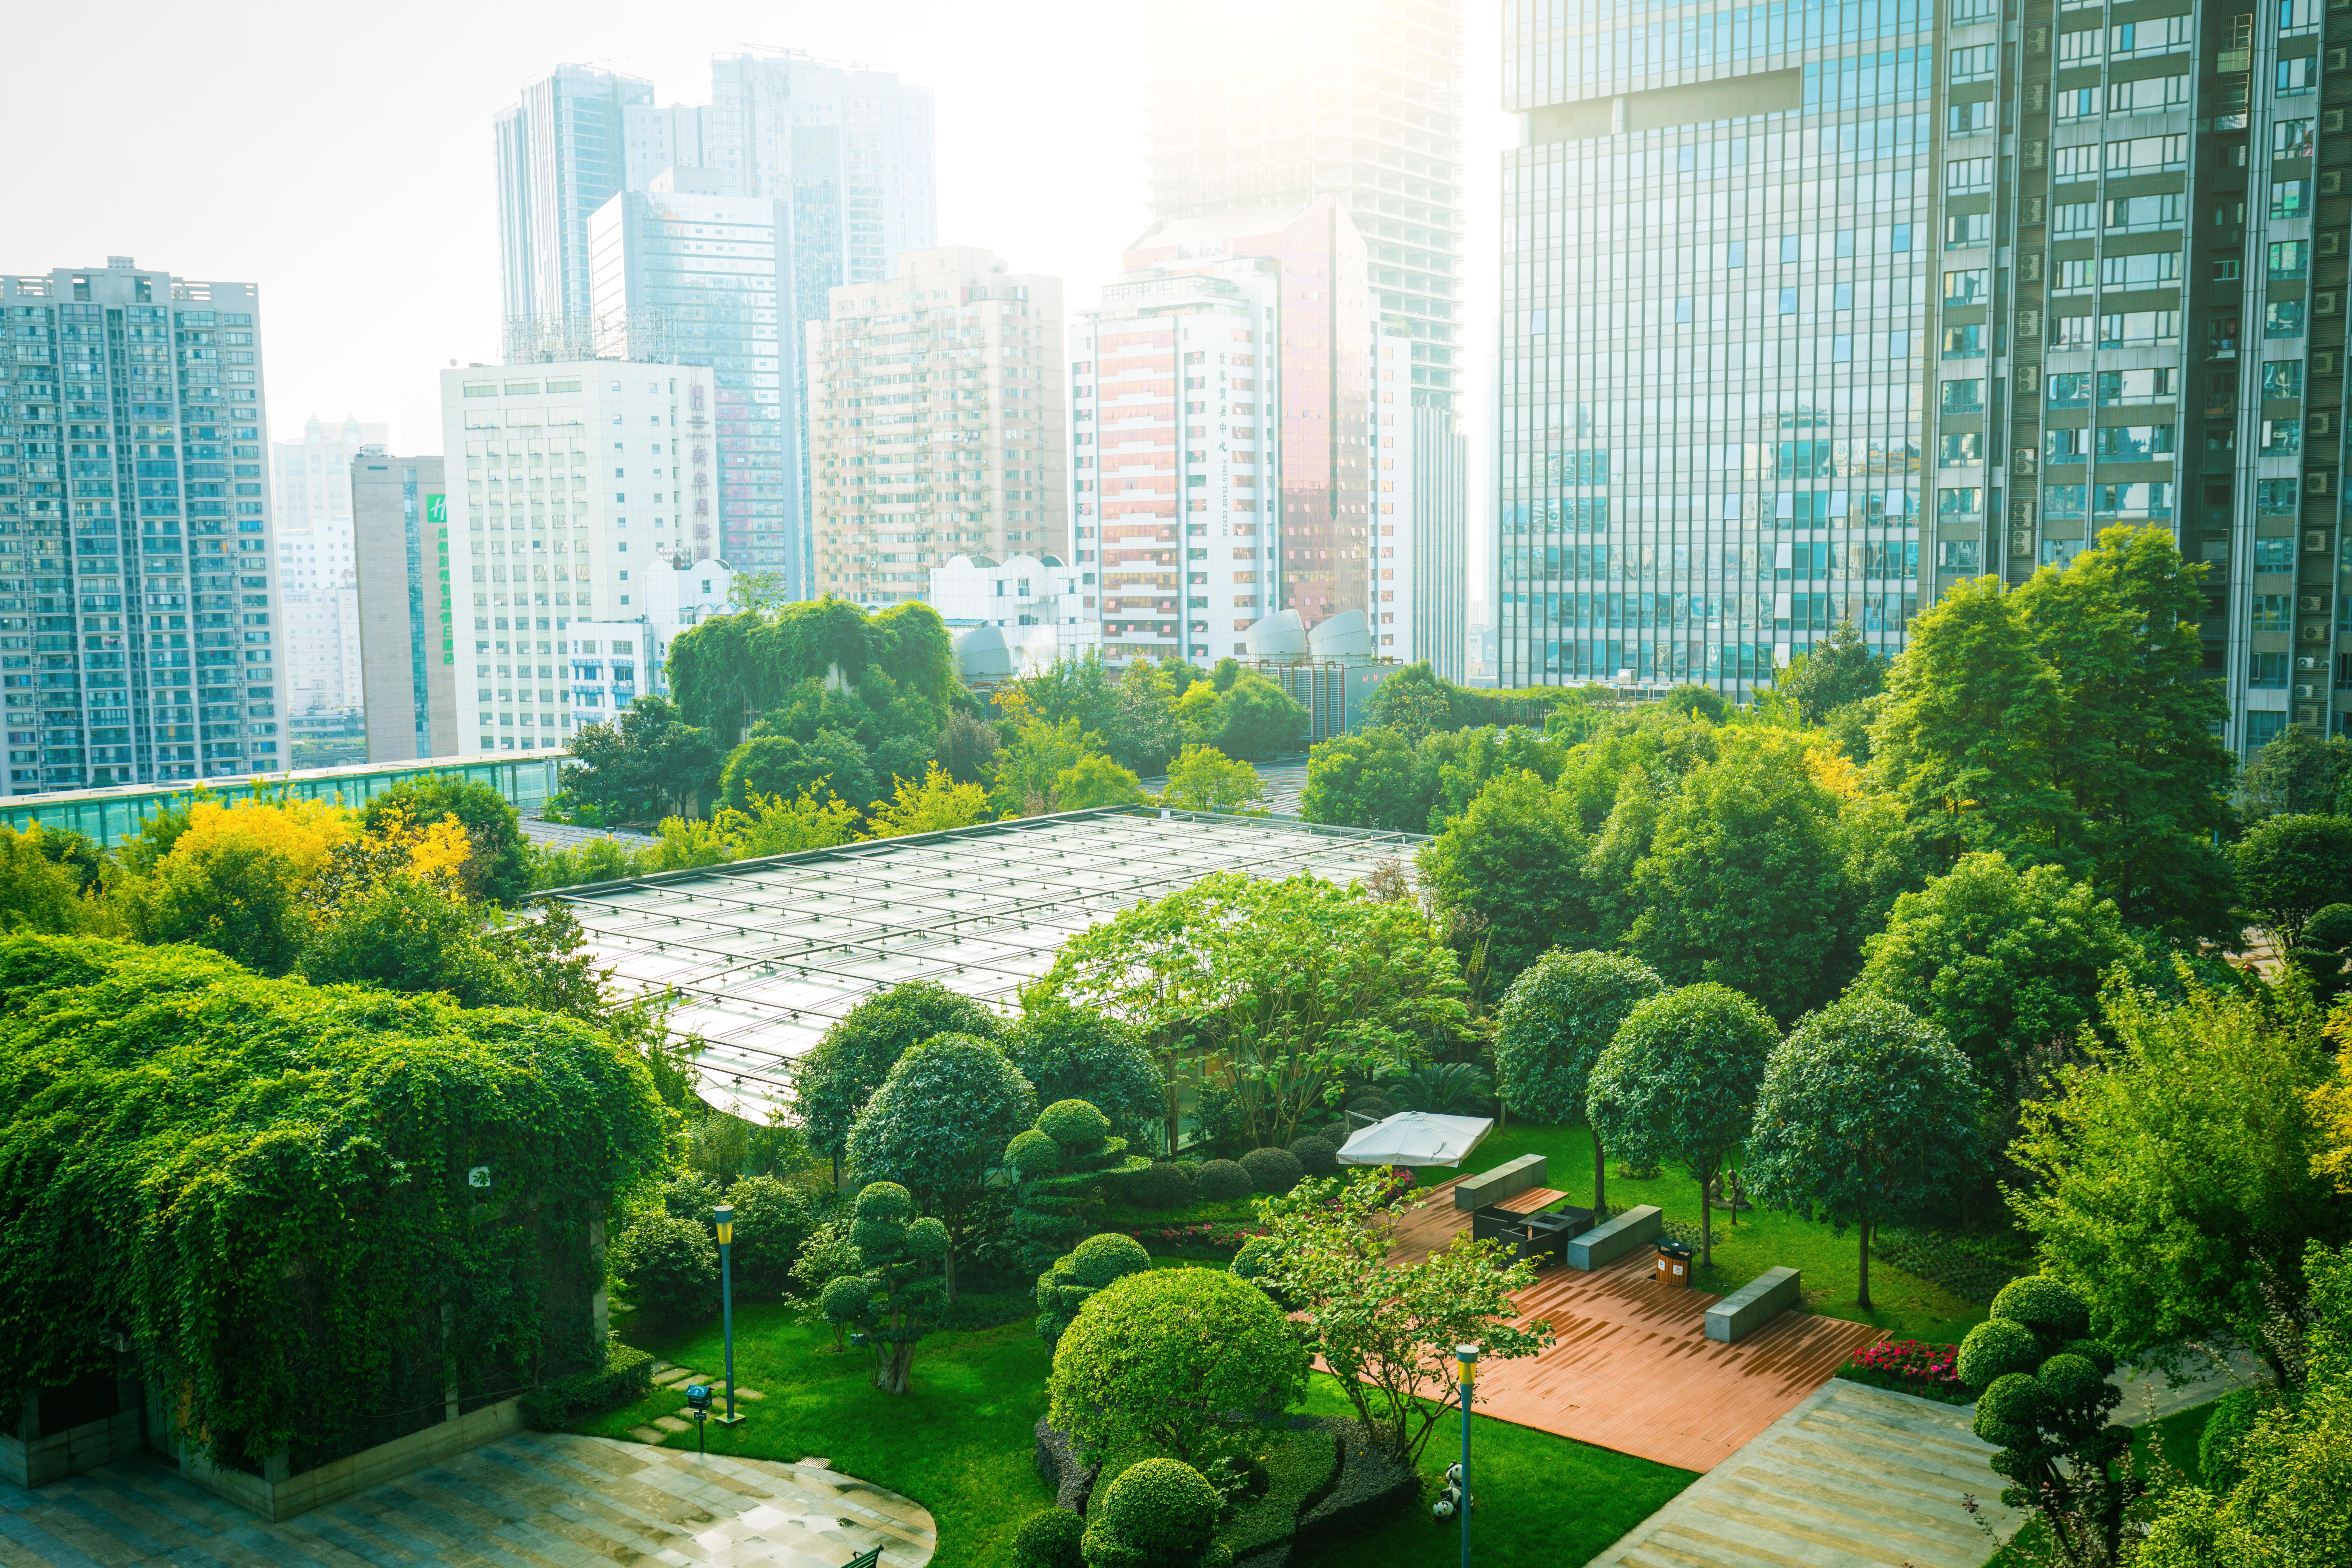 Exterior shot of a roof garden